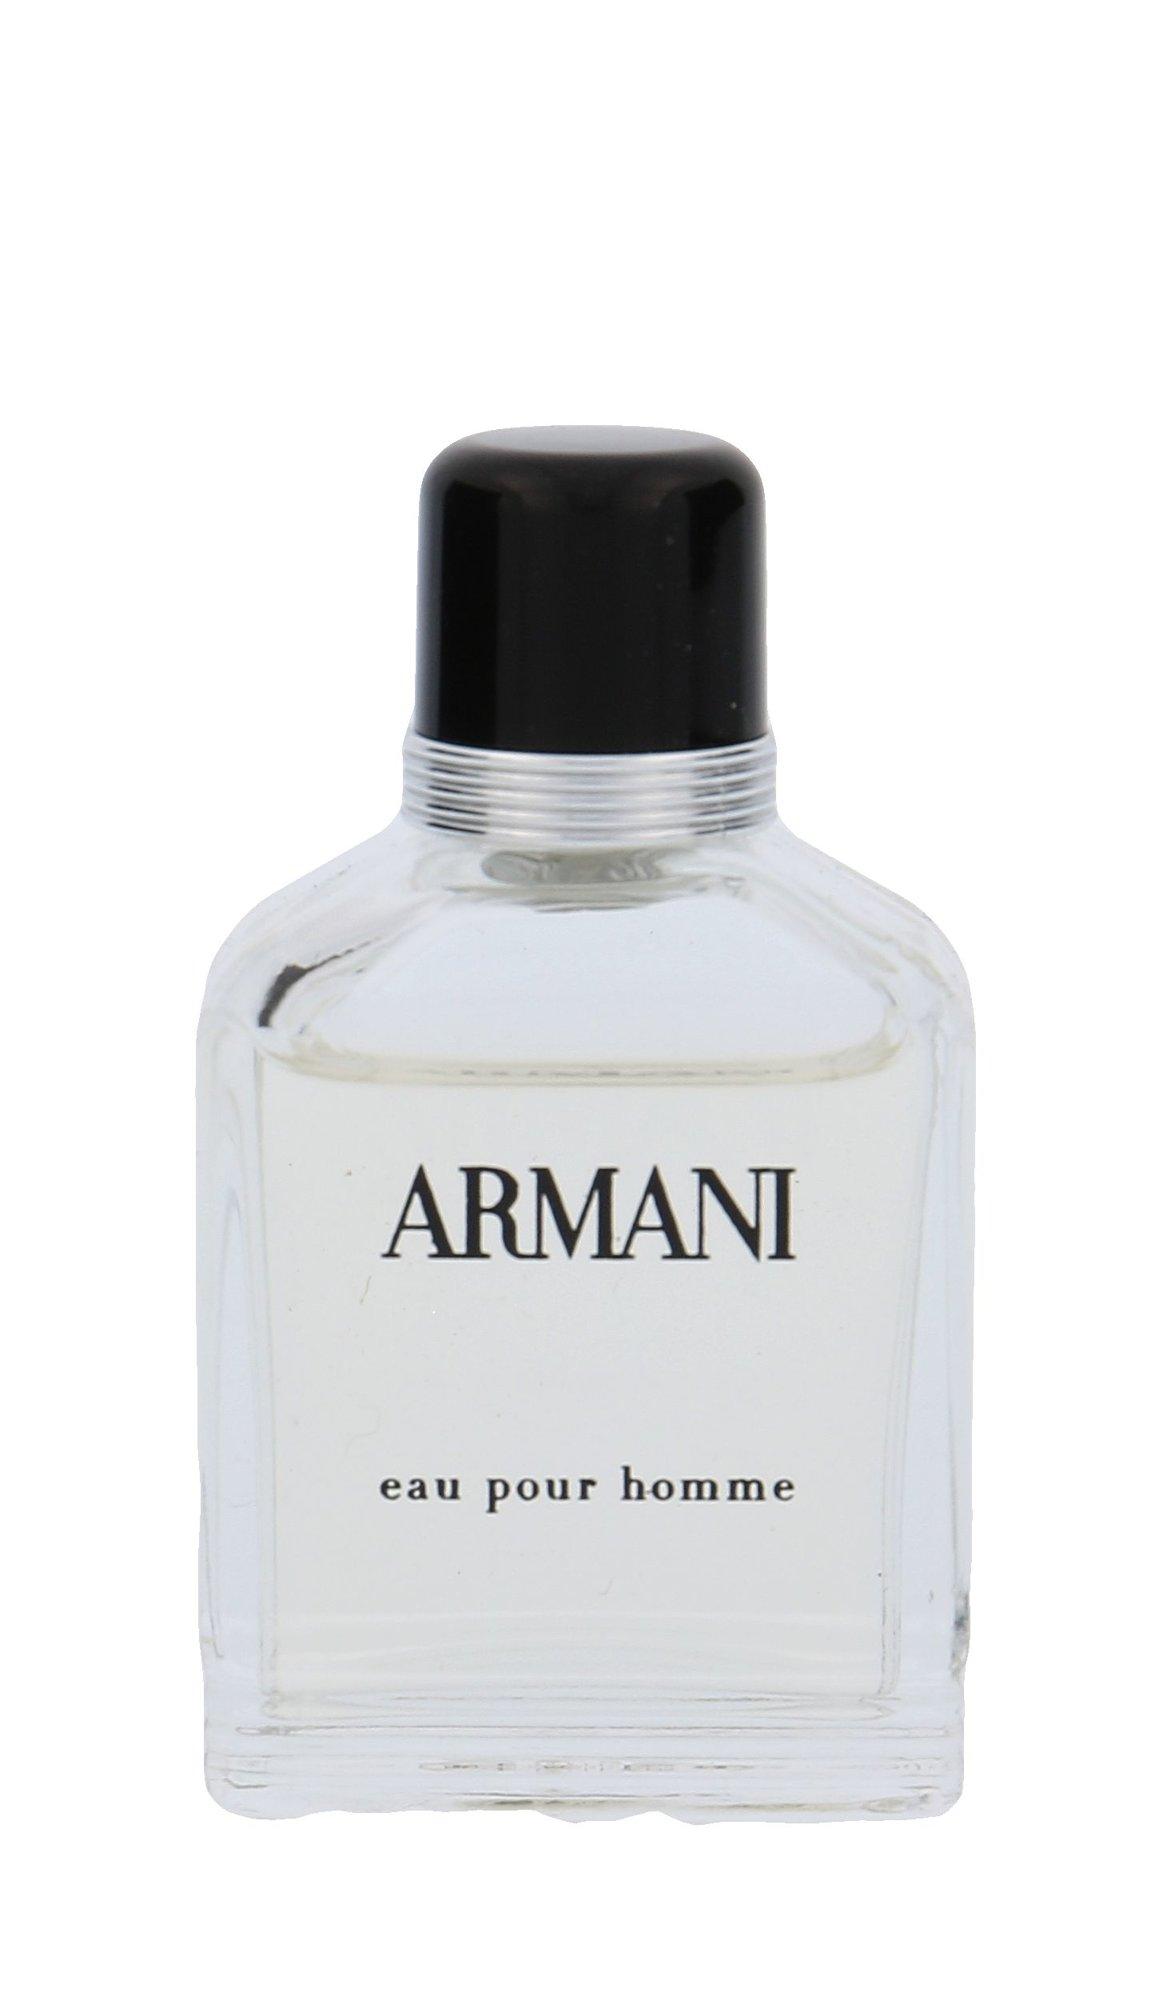 Giorgio Armani Eau Pour Homme EDT 7ml  2013